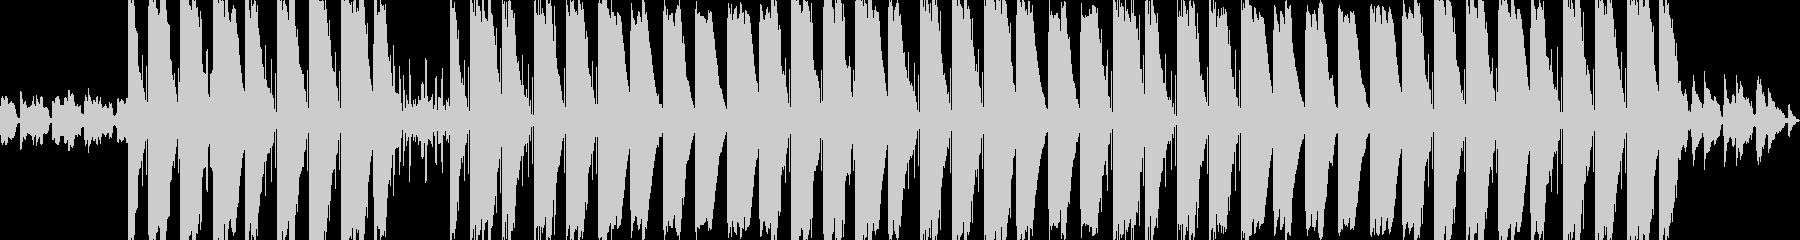 チルで幻想的な雰囲気のヒップホップの未再生の波形